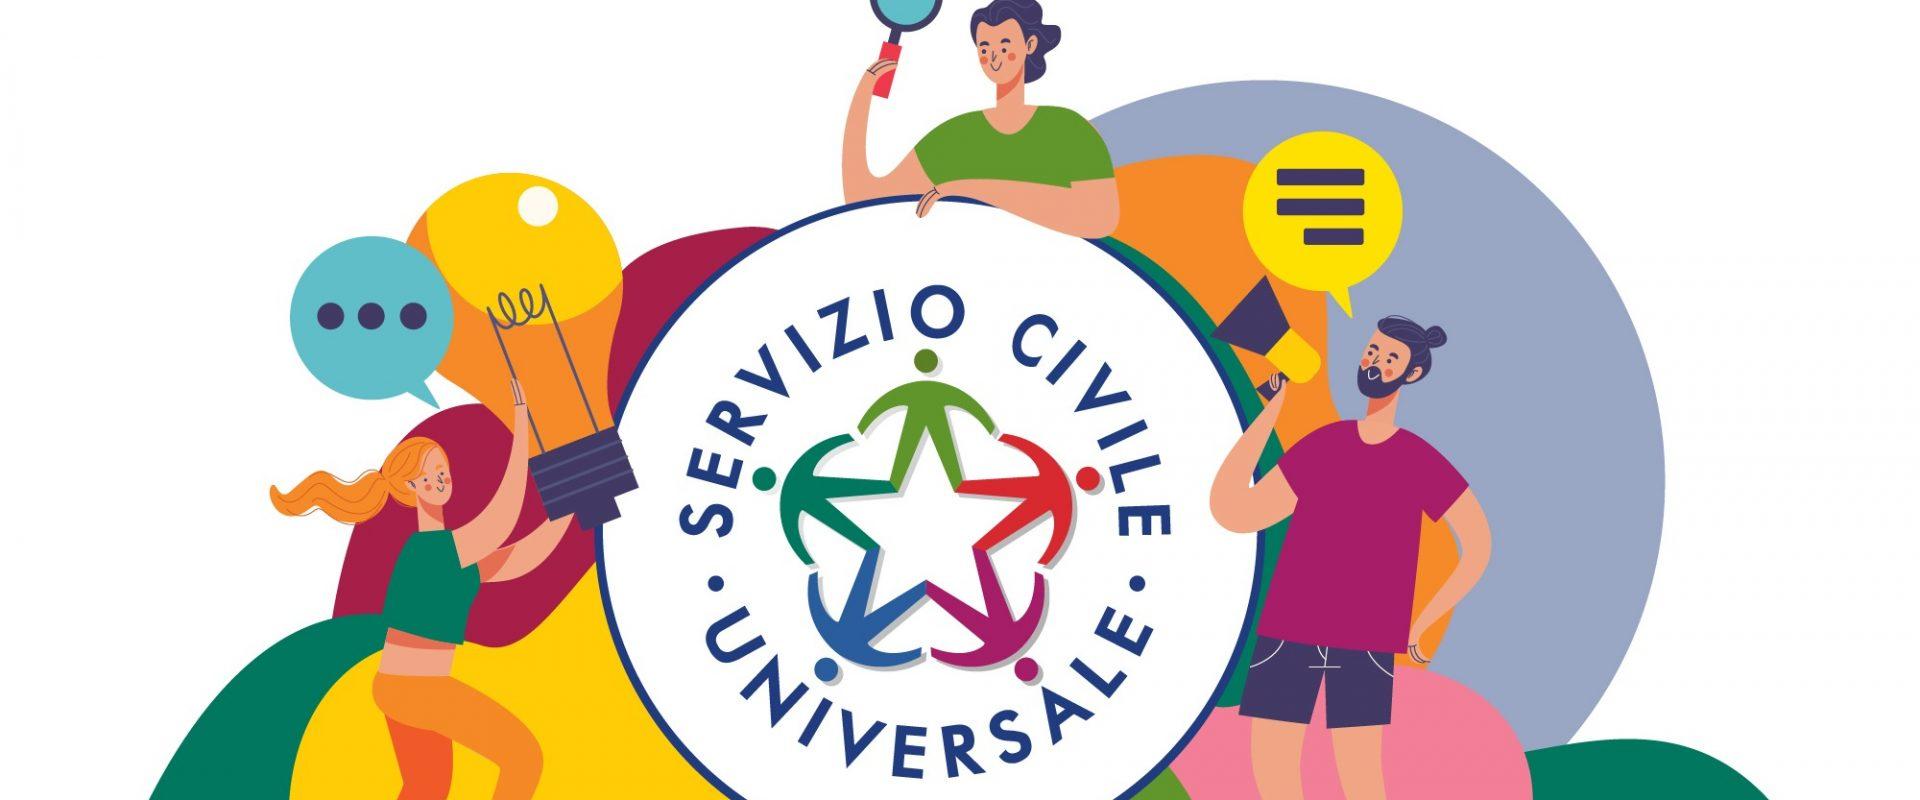 Tavola disegno 3servizio civile cover fb